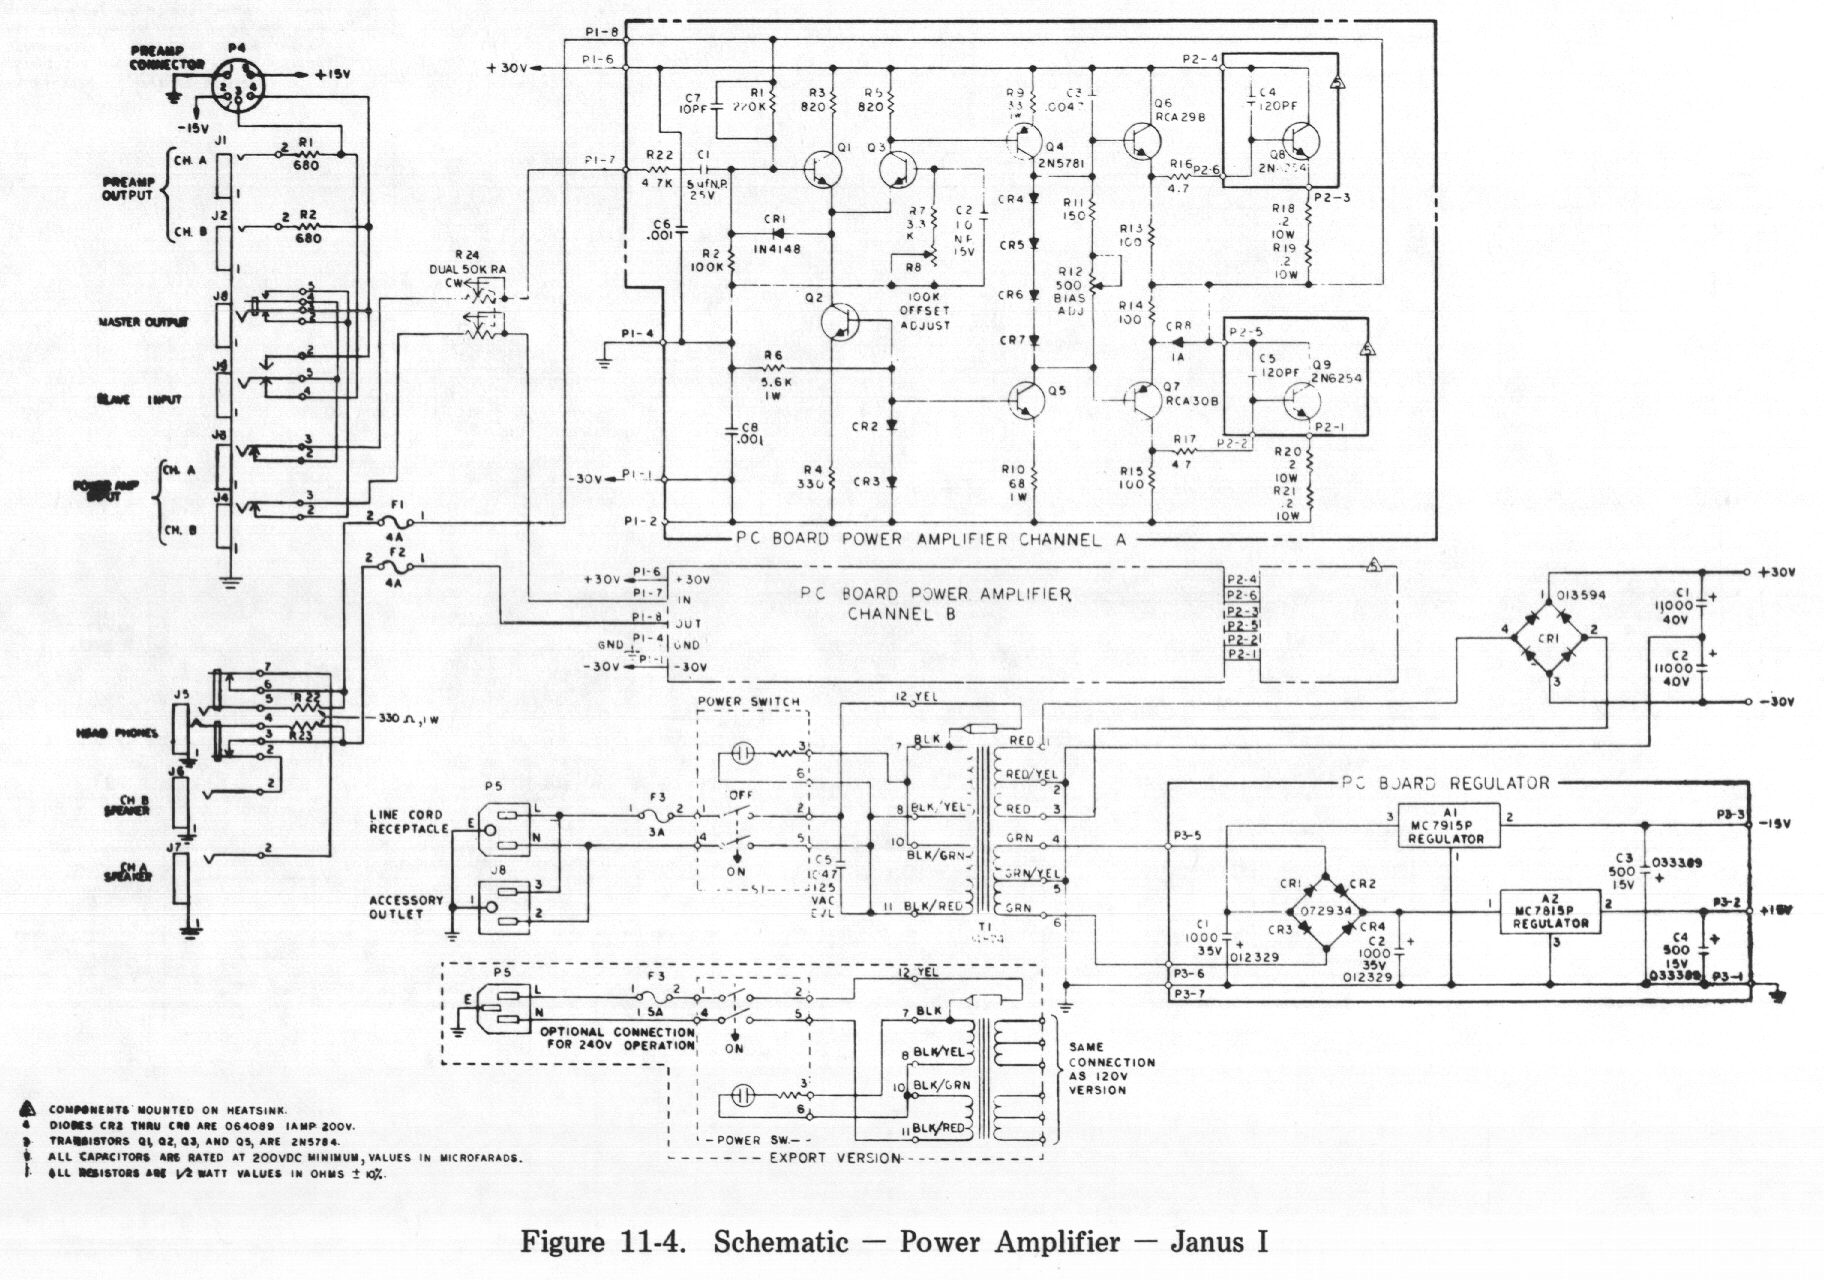 Schematic Power Amplifier